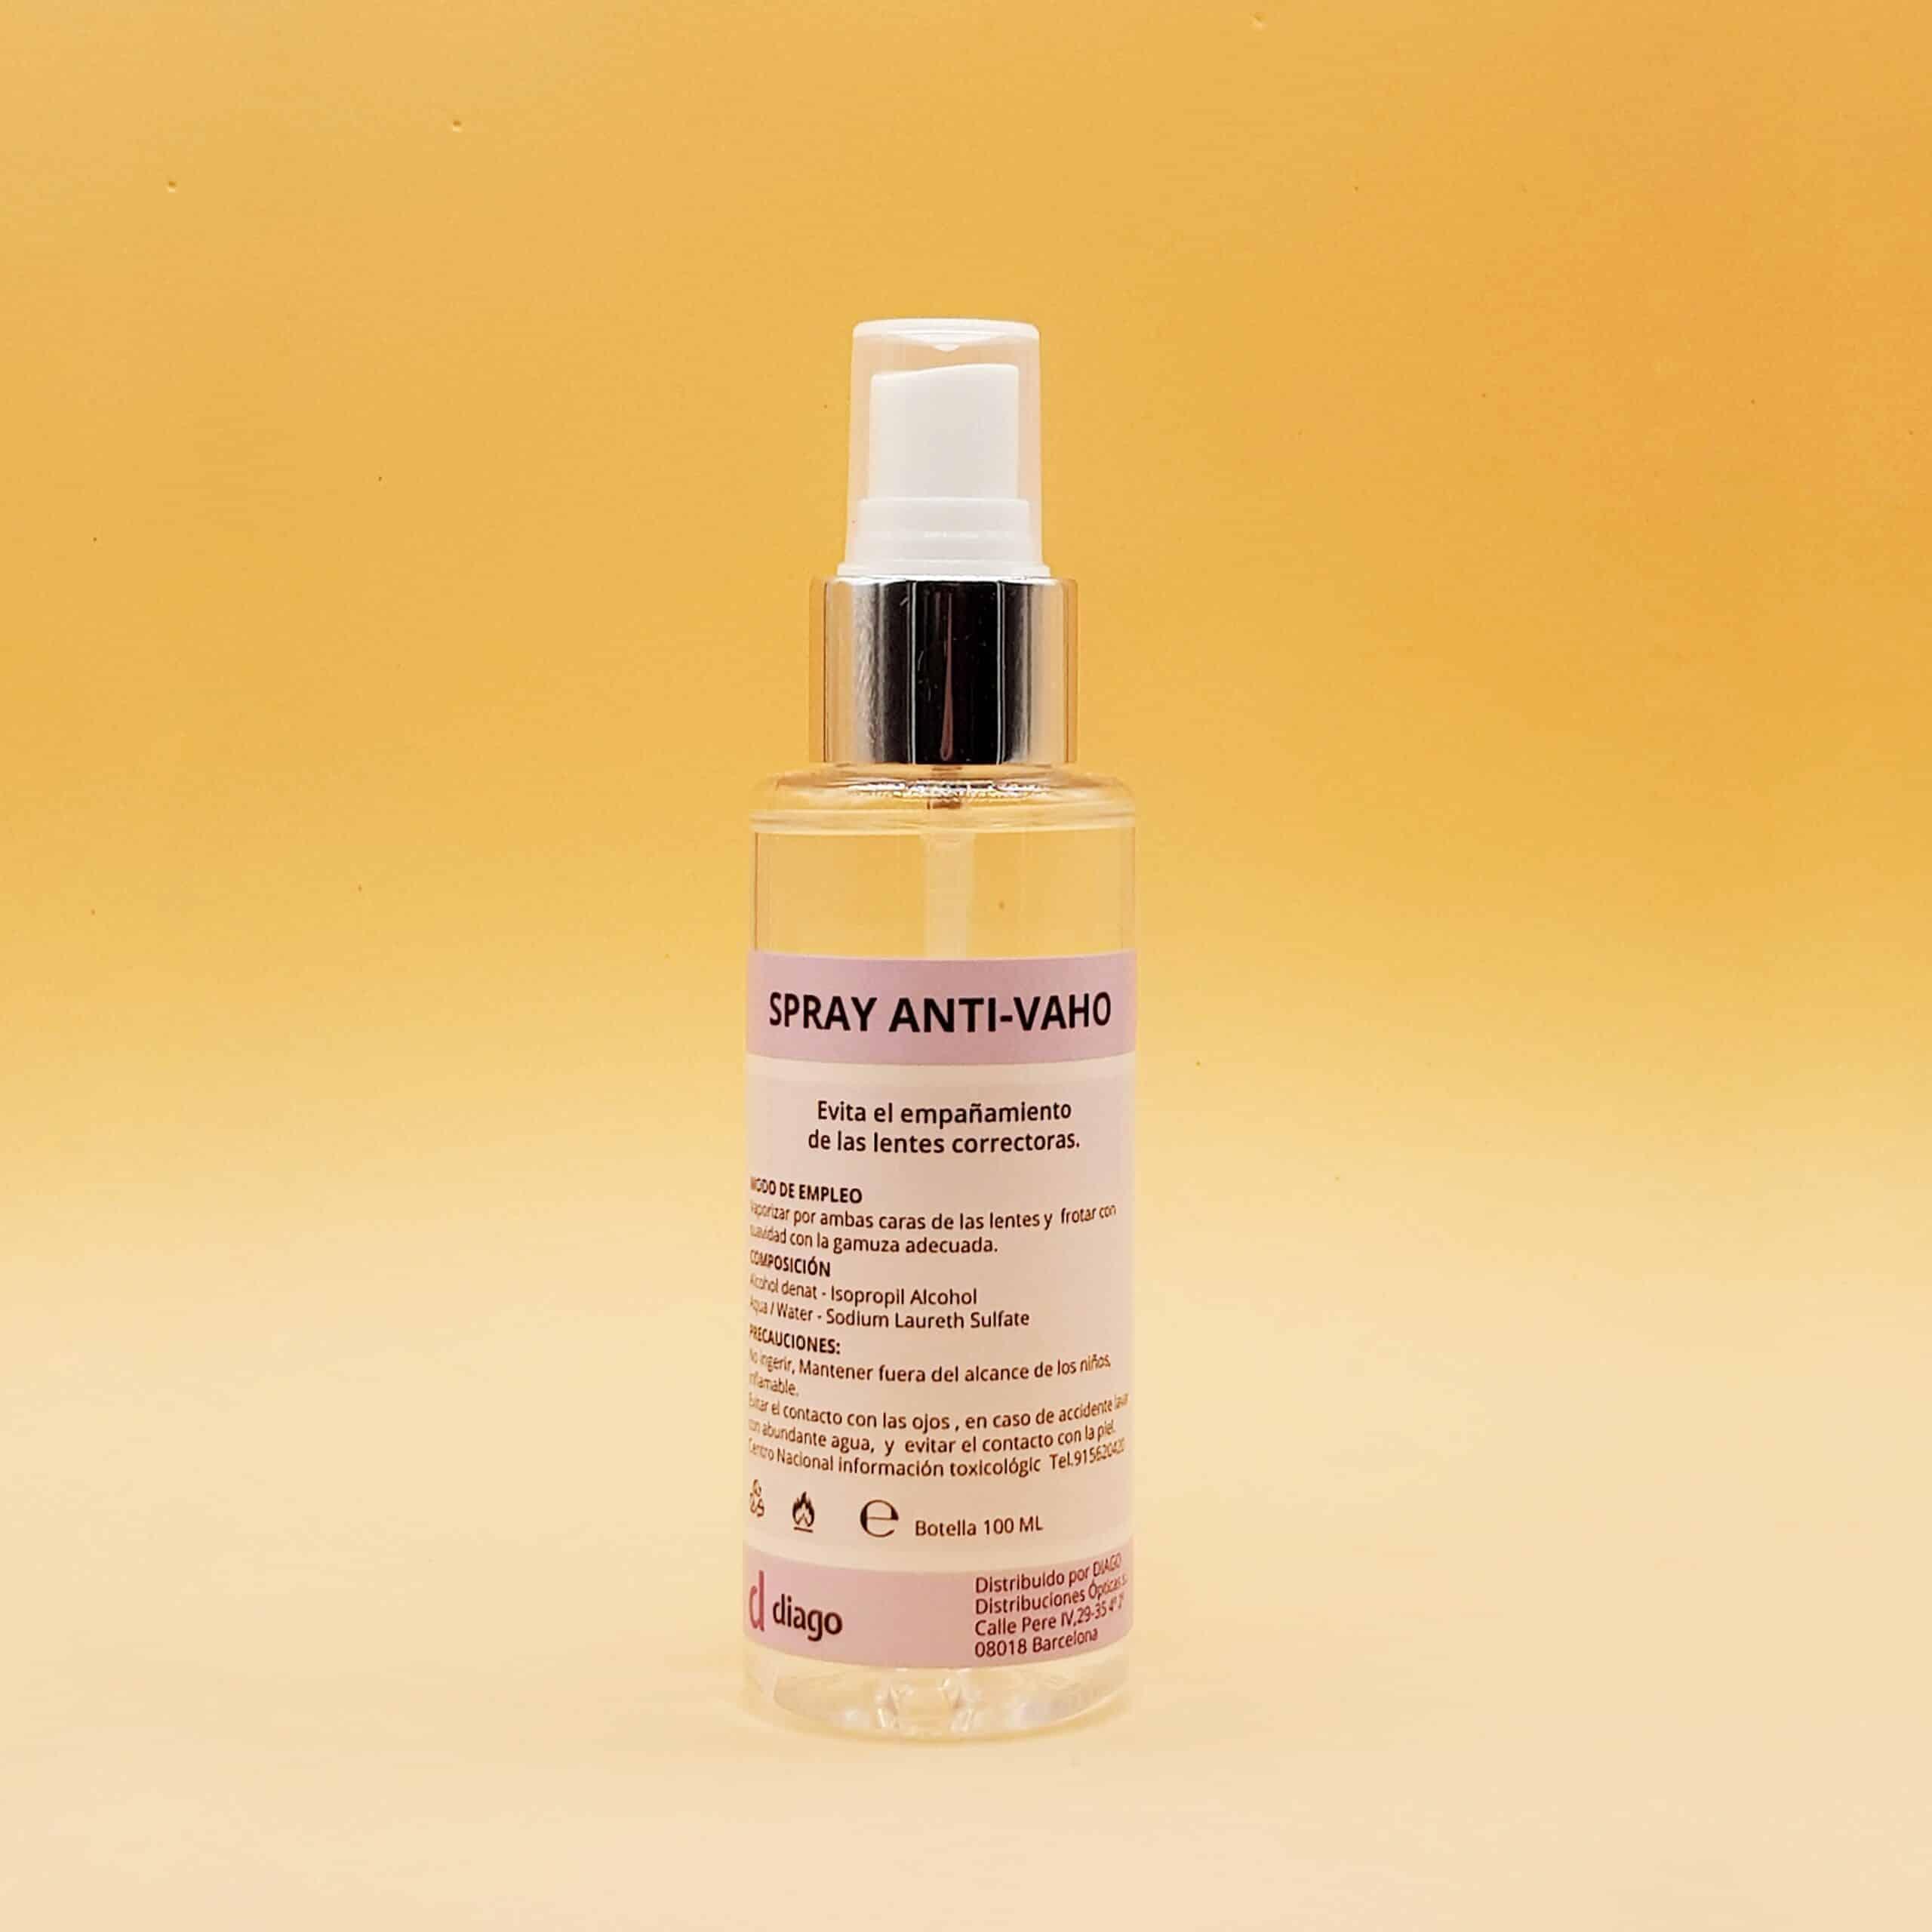 Spray Antivaho Diago - Evita el empañamiento de las lentes correctoras